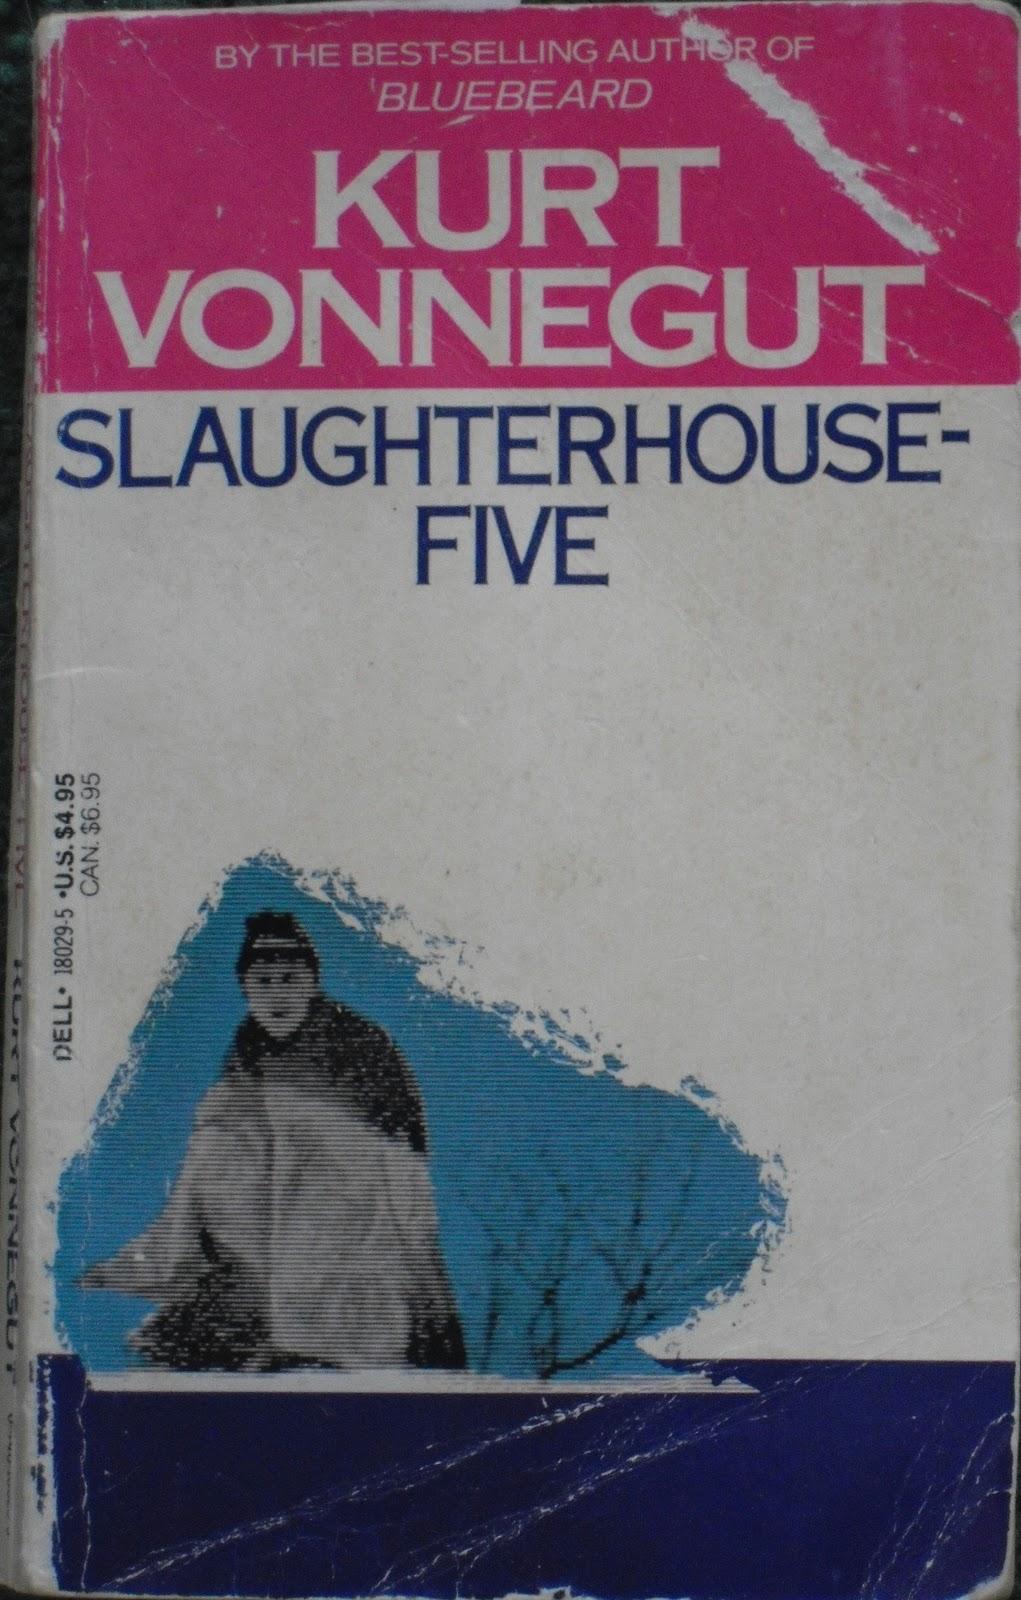 the unique structure of slaughterhouse five by kurt vonnegut